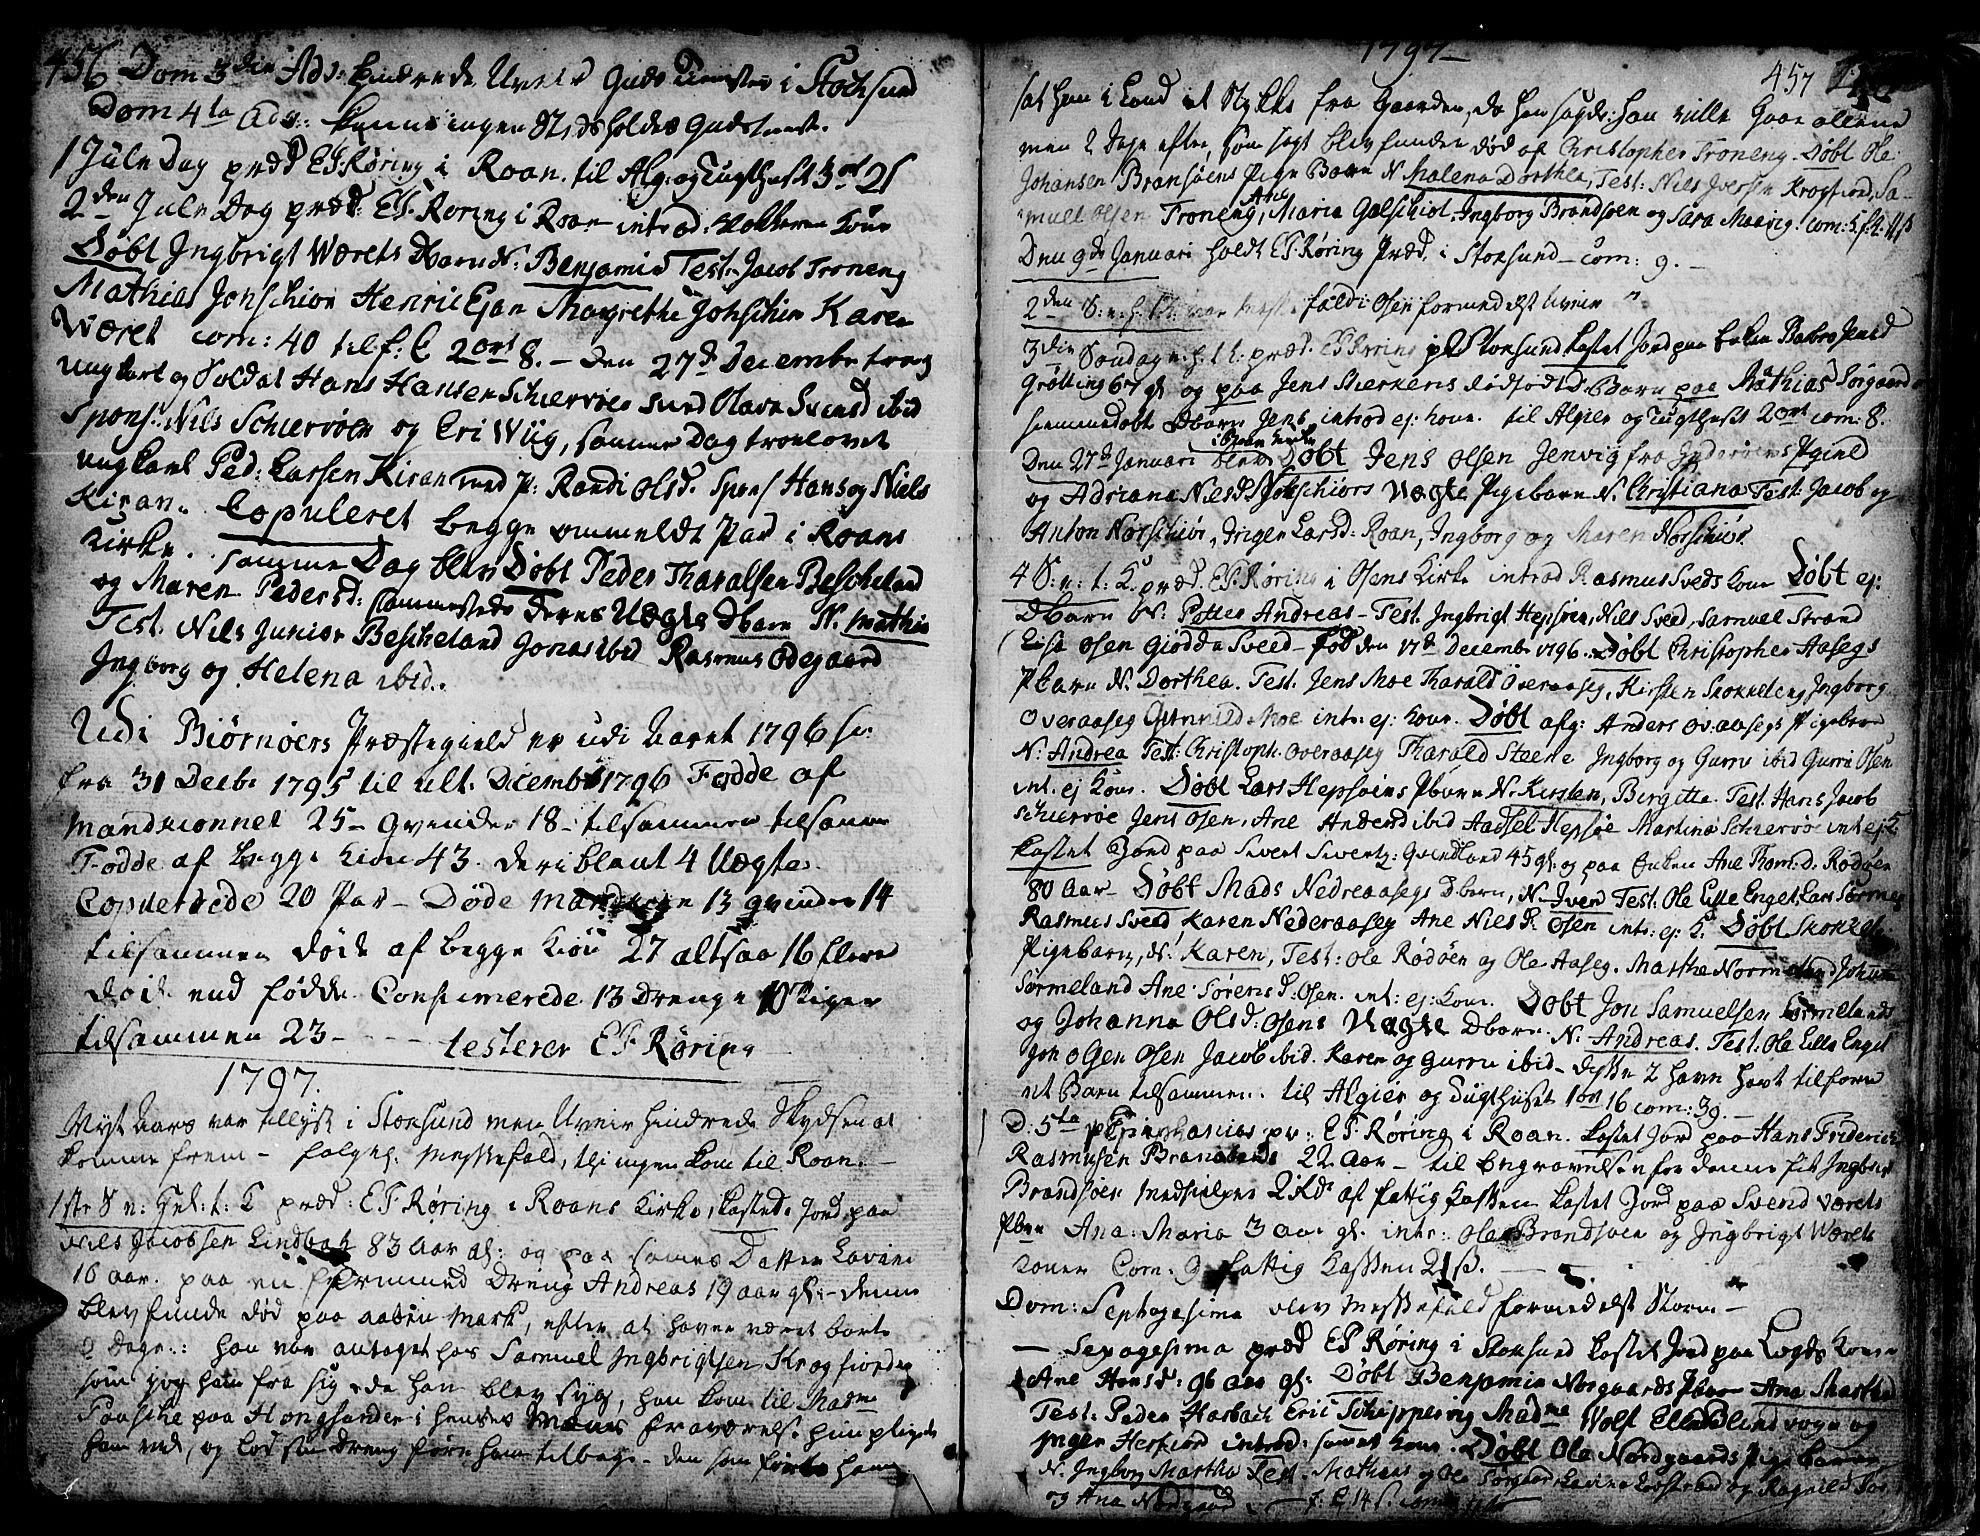 SAT, Ministerialprotokoller, klokkerbøker og fødselsregistre - Sør-Trøndelag, 657/L0700: Ministerialbok nr. 657A01, 1732-1801, s. 456-457